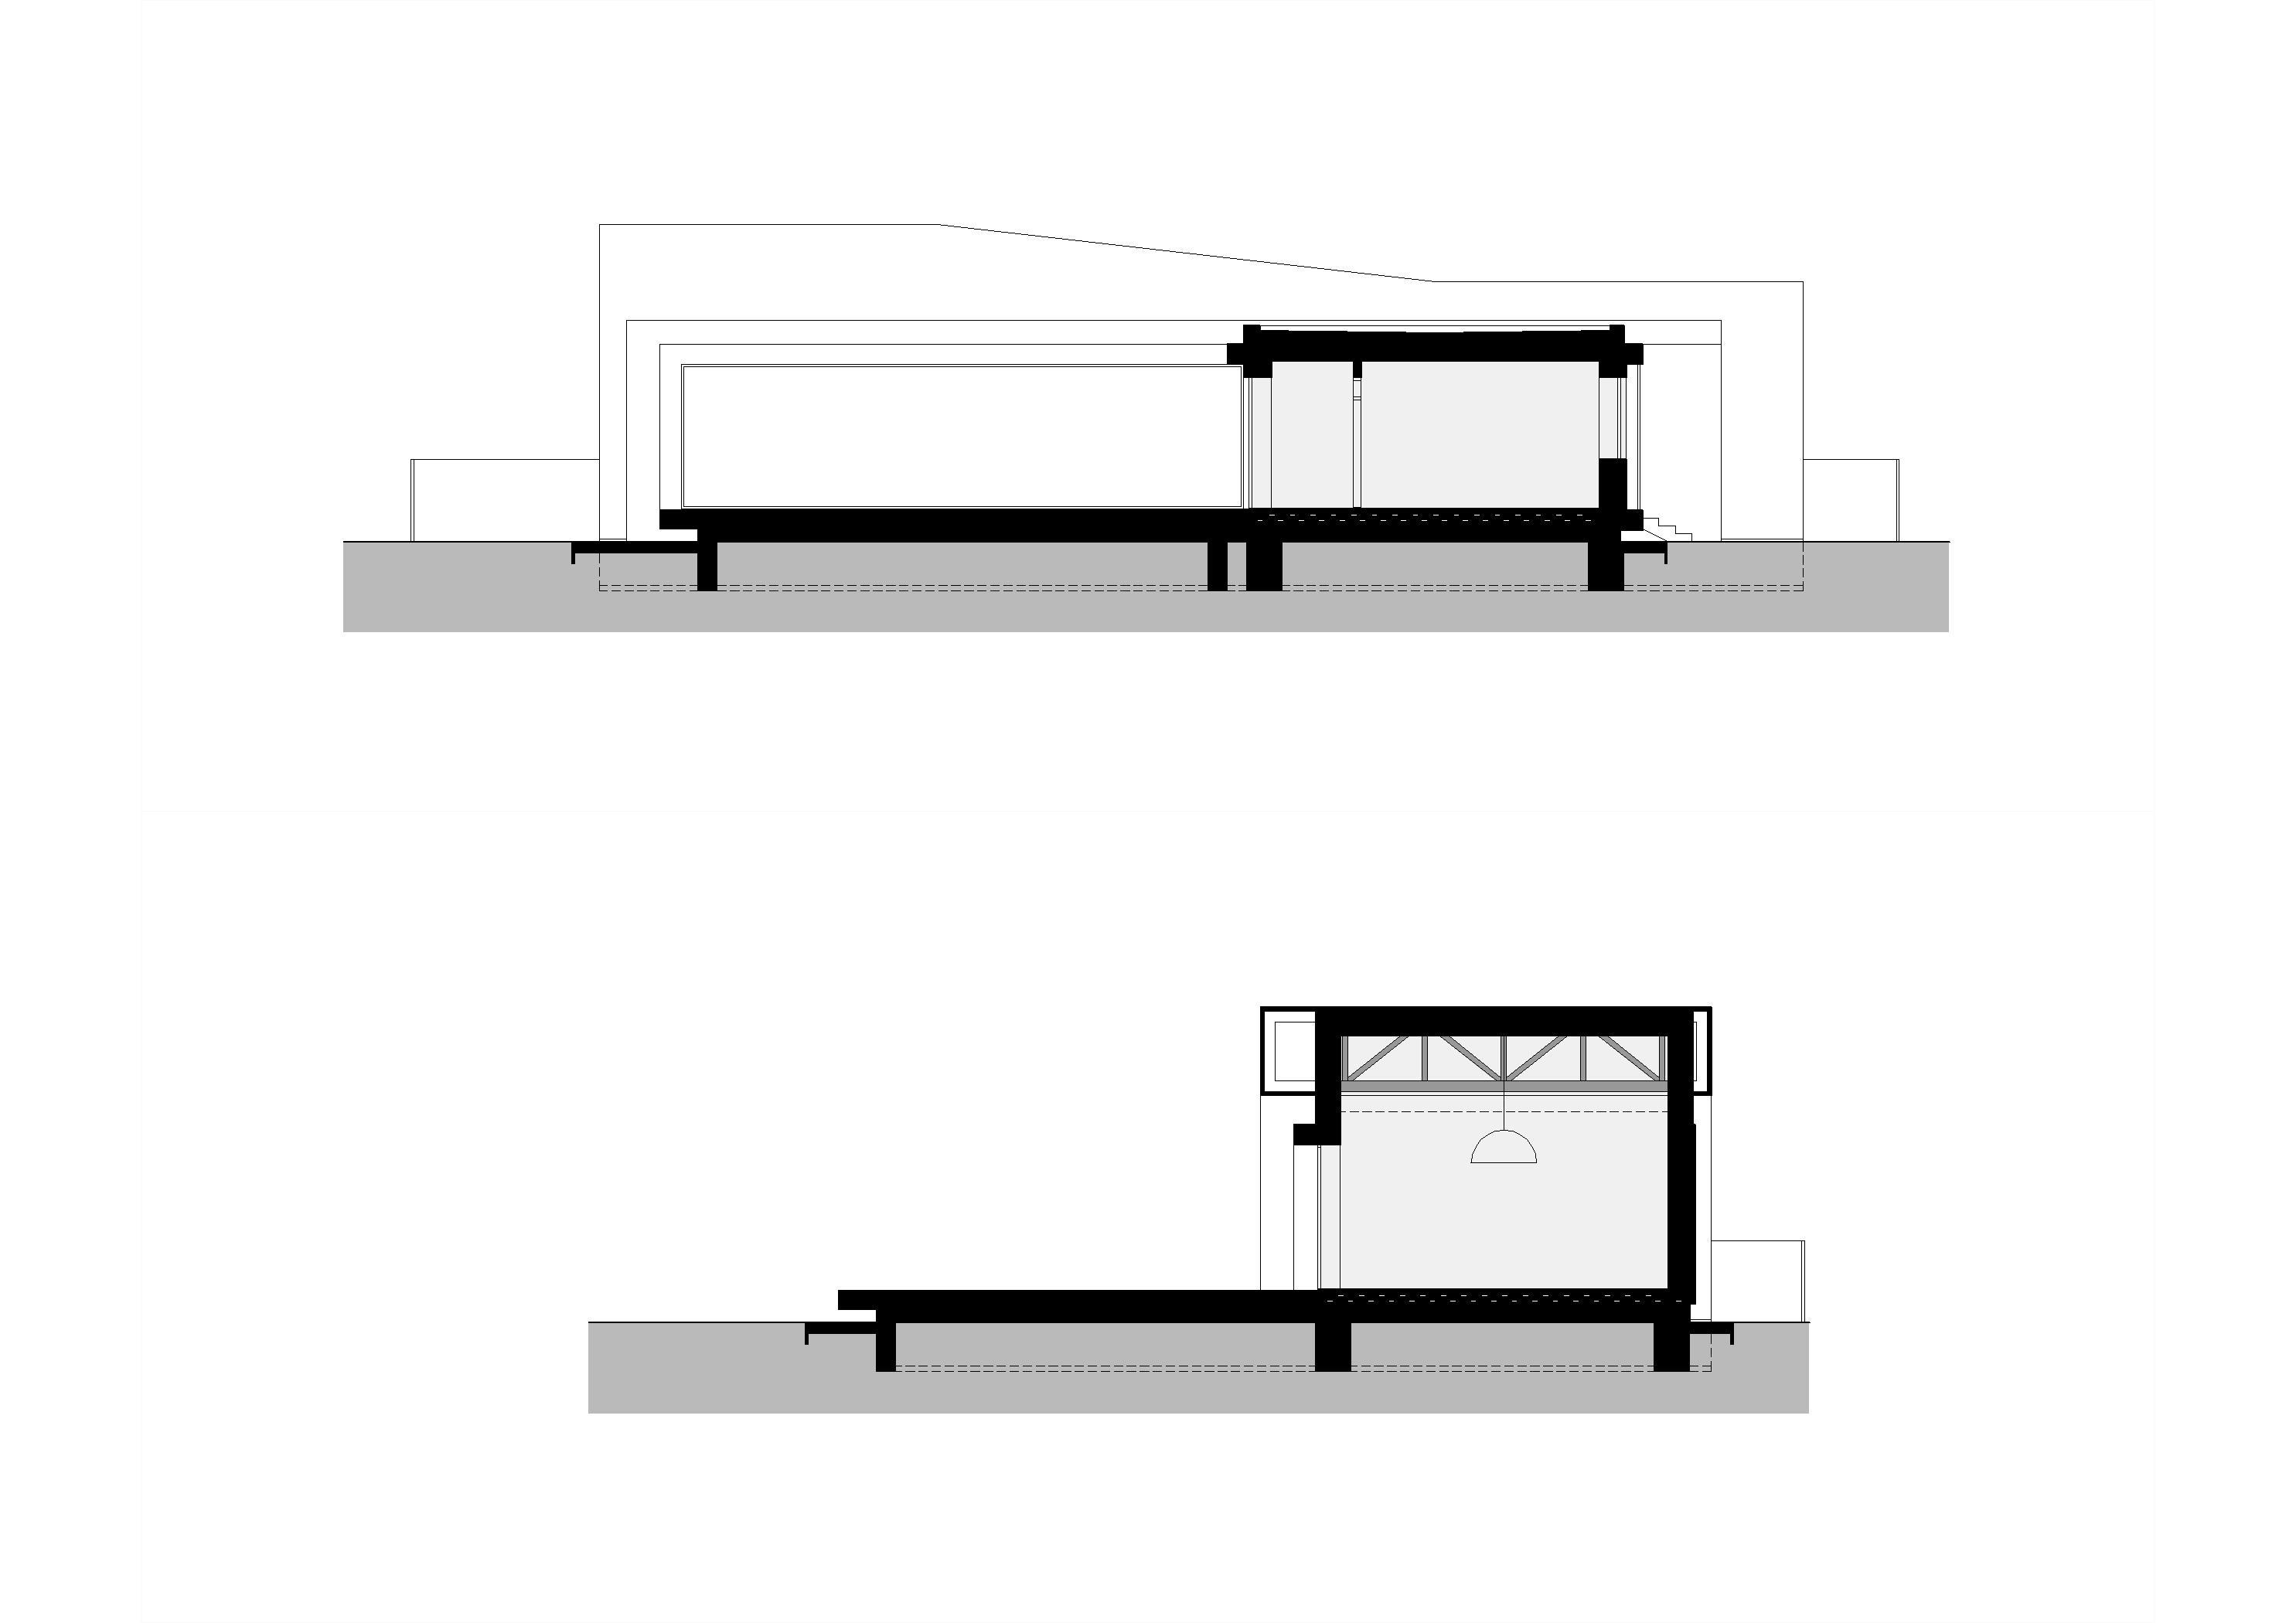 Projekt stavby rodinného domu VII 11